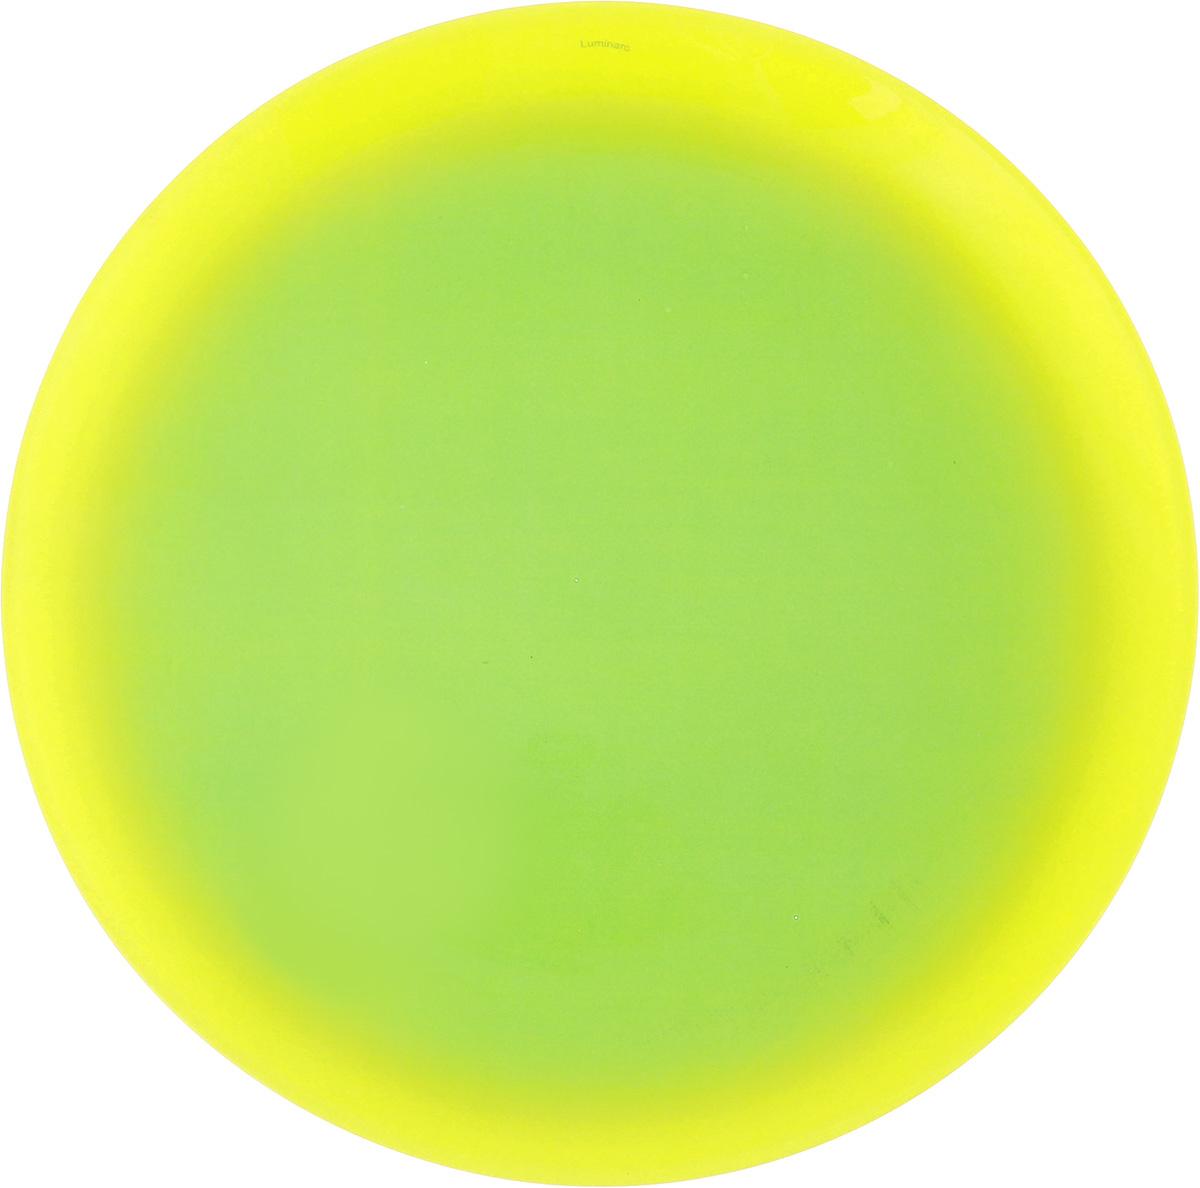 Тарелка обеденная Luminarc Fizz Mint, диаметр 25 смG9550Обеденная тарелка Luminarc Fizz Mint, изготовленная из ударопрочного стекла, имеет изысканный внешний вид. Яркий дизайн придется по вкусу и ценителям классики, и тем, кто предпочитает утонченность. Тарелка Luminarc Fizz Mint идеально подойдет для сервировки вторых блюд из птицы, рыбы, мяса или овощей, а также станет отличным подарком к любому празднику. Диаметр тарелки (по верхнему краю): 25 см.